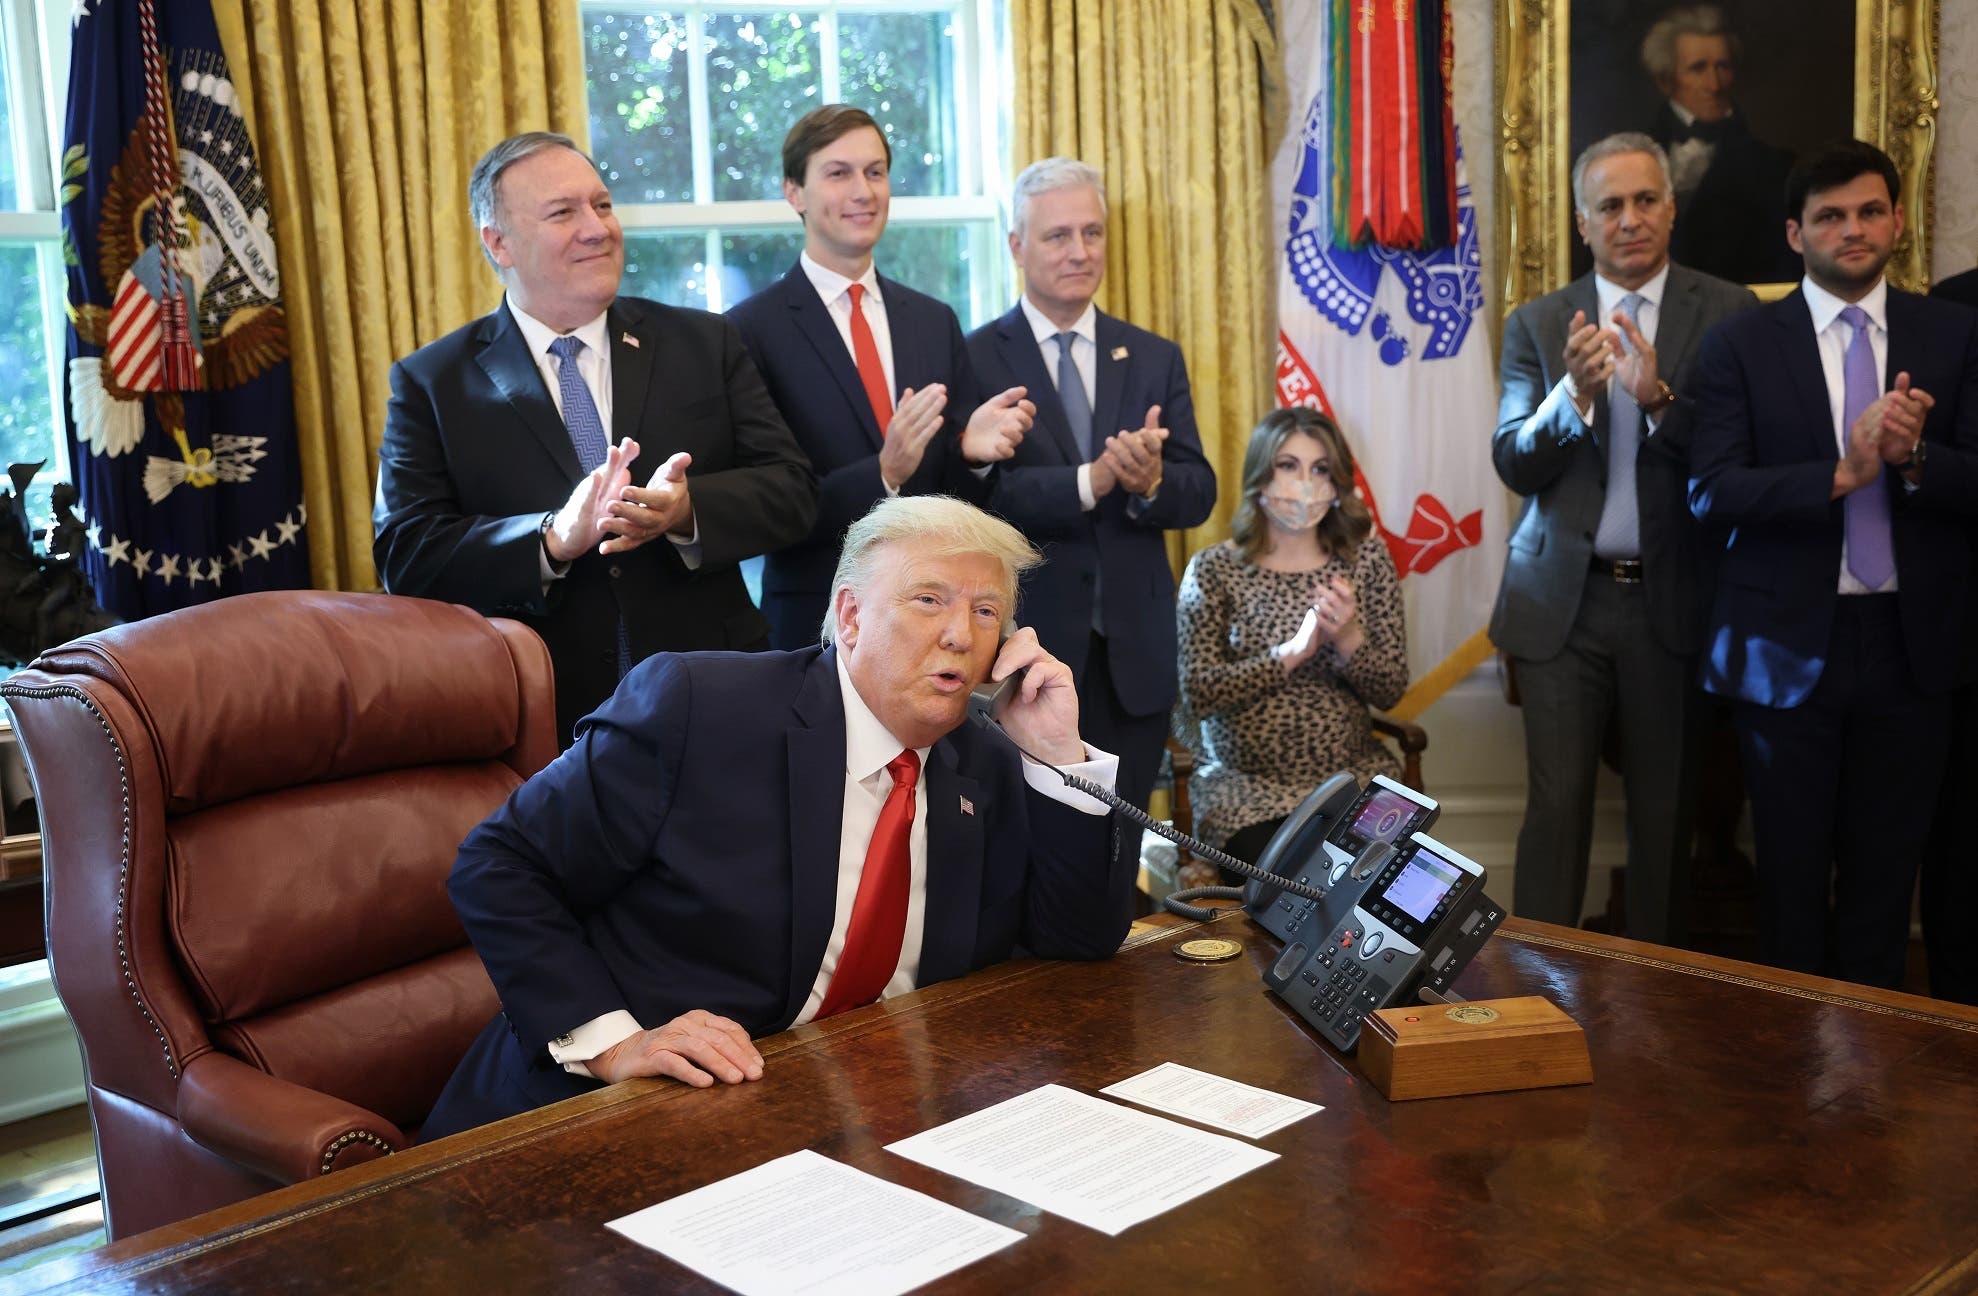 من اتصال ترمب اليوم في البيت الأبيض بنتنياهو وحمدوك